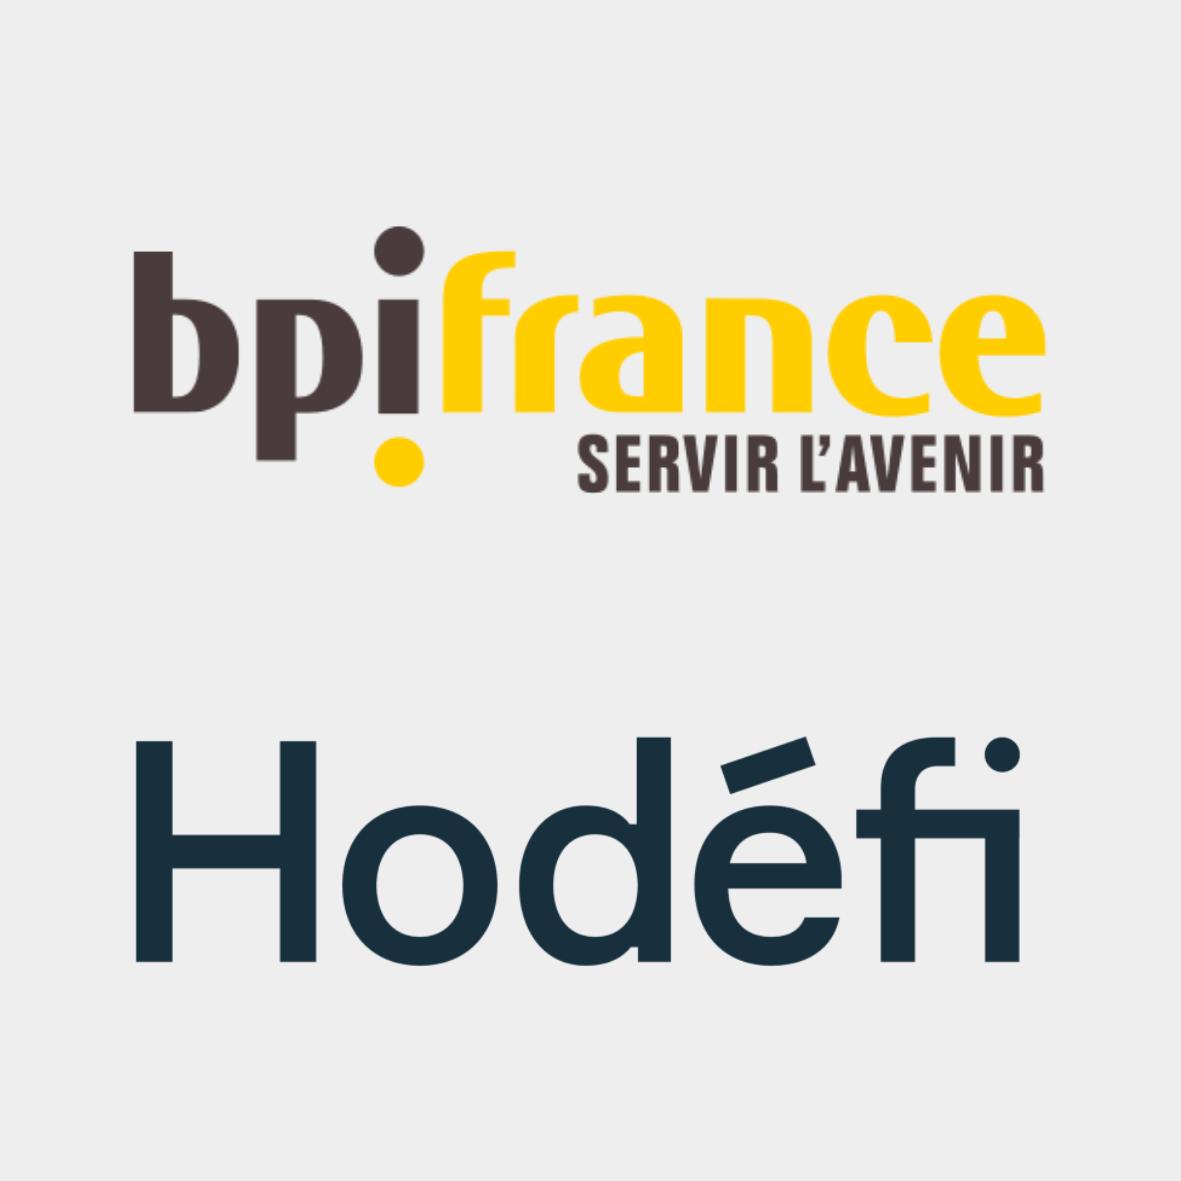 BPI Hodéfi